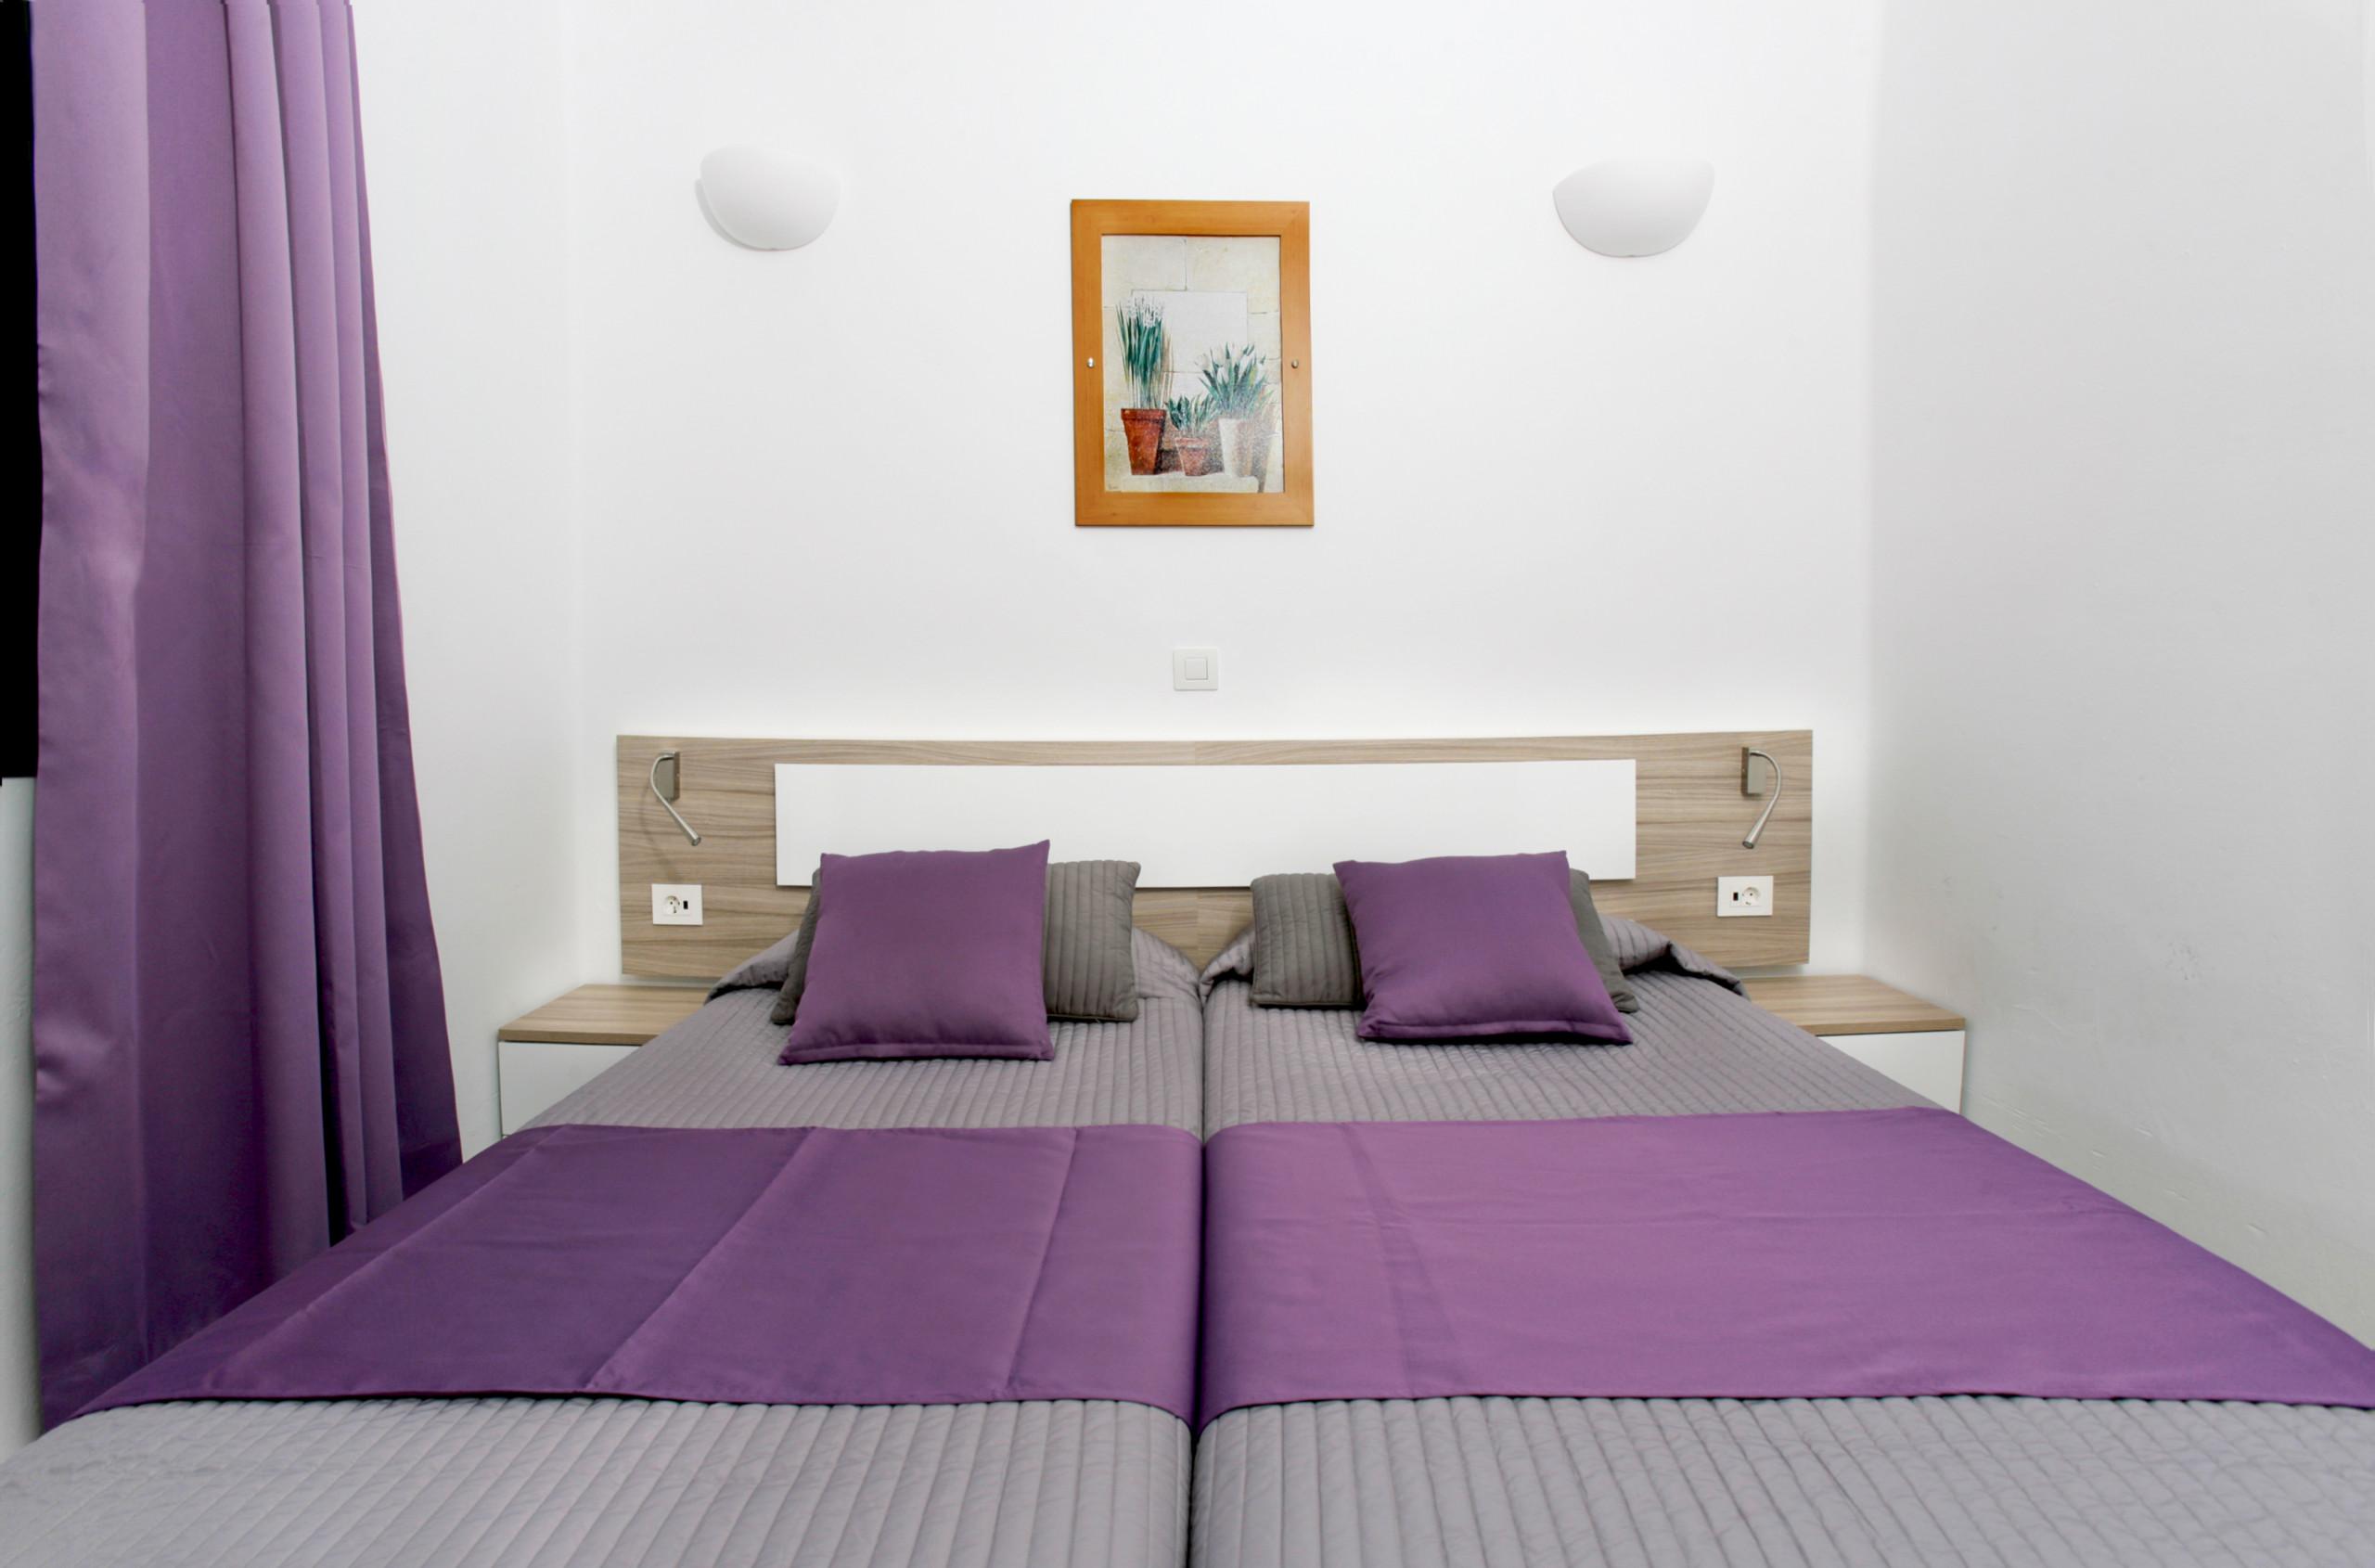 schlafzimmer set anna elektrische lattenroste m nchen bettw sche 3d 135x200 kleiderschr nke f r. Black Bedroom Furniture Sets. Home Design Ideas